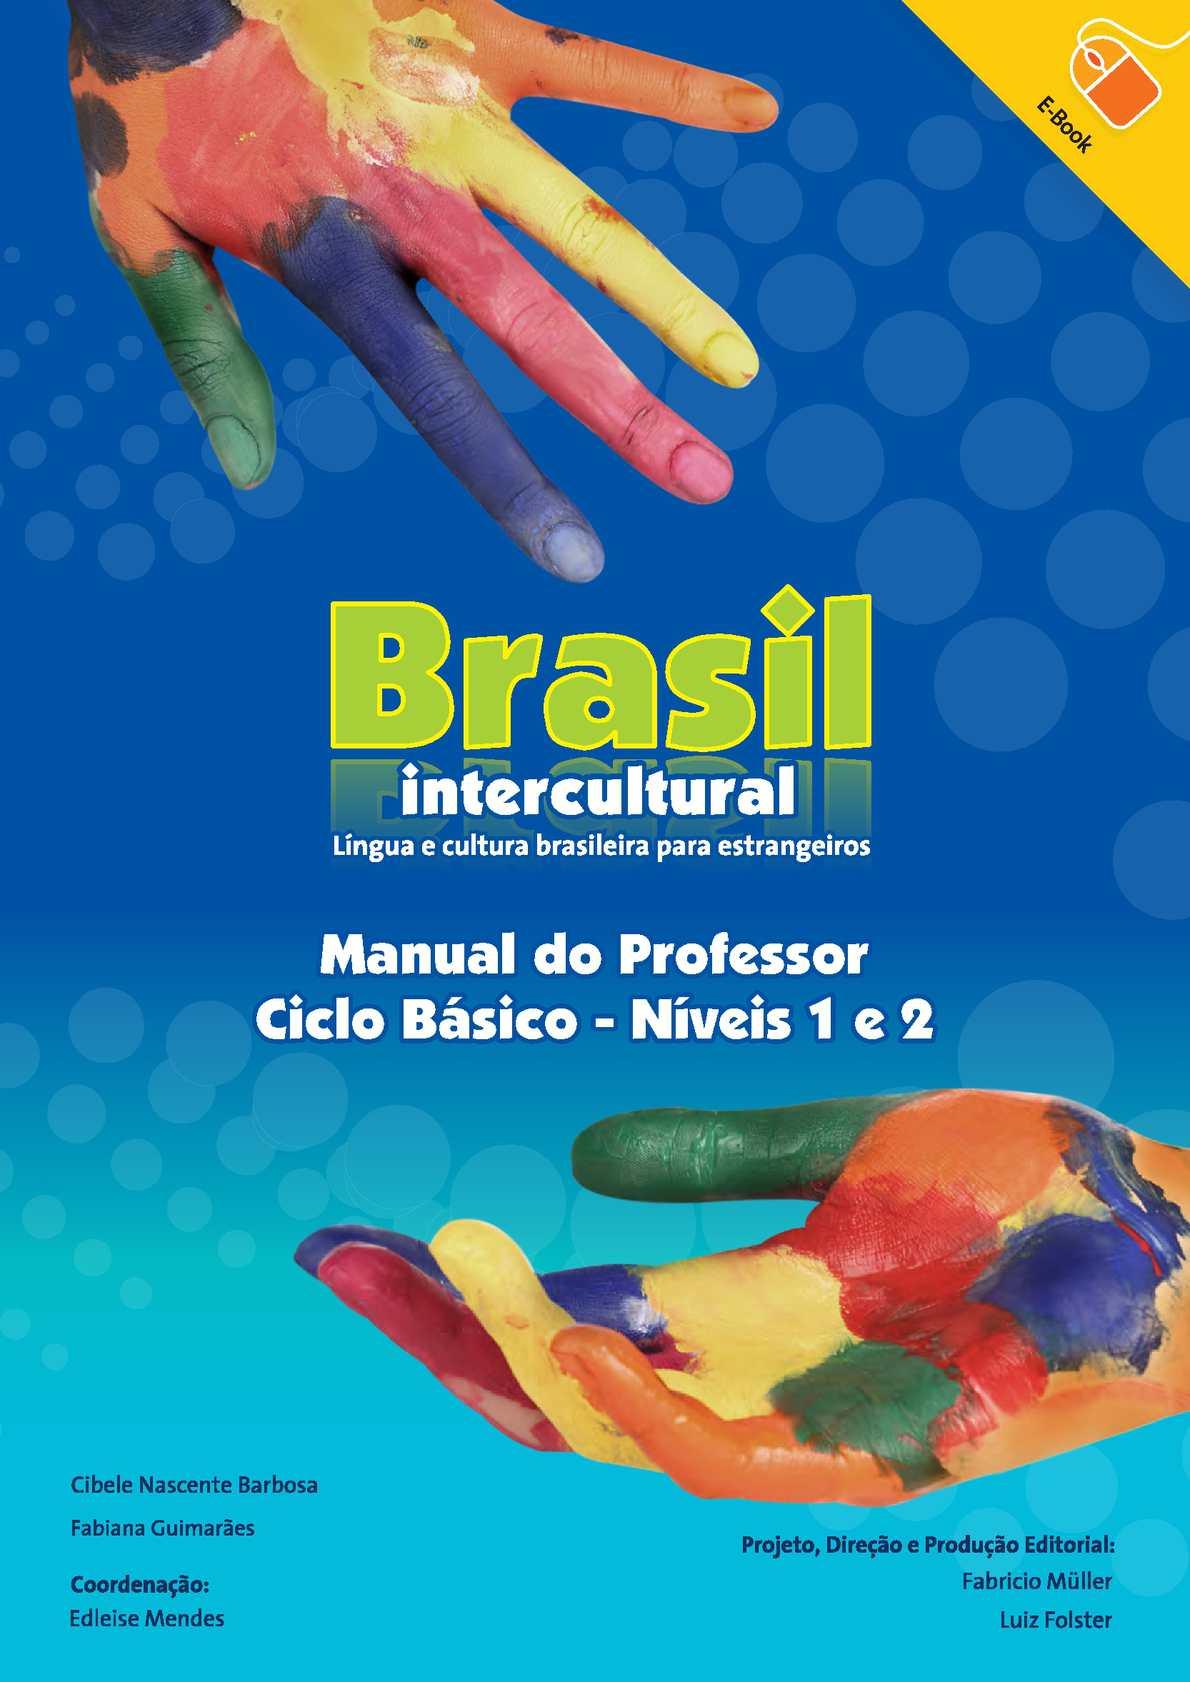 Calaméo - BI - Manual Del Profesor Ciclo Basico af1f028559